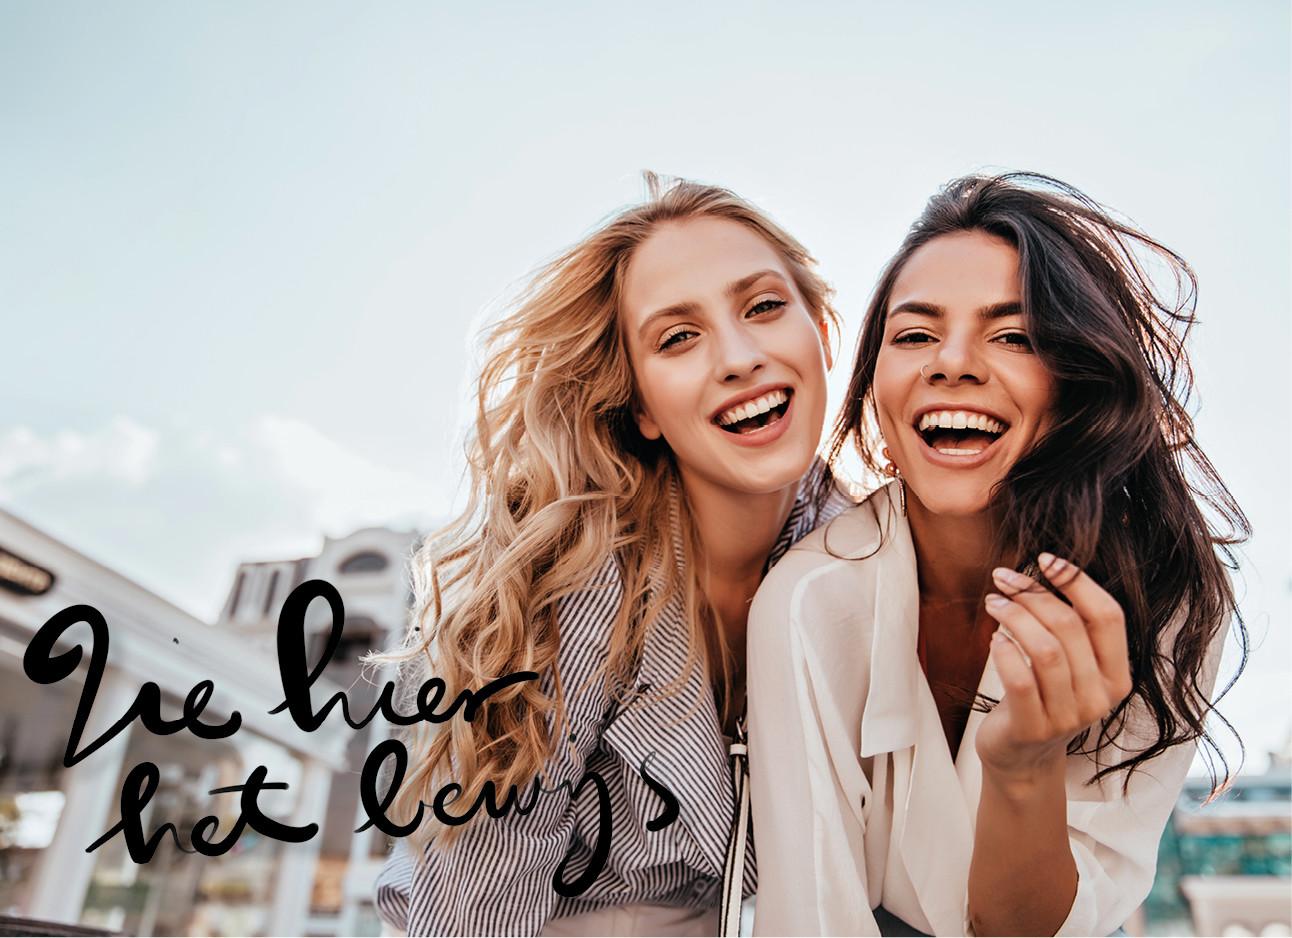 twee meiden die lachend naar de camera kijken